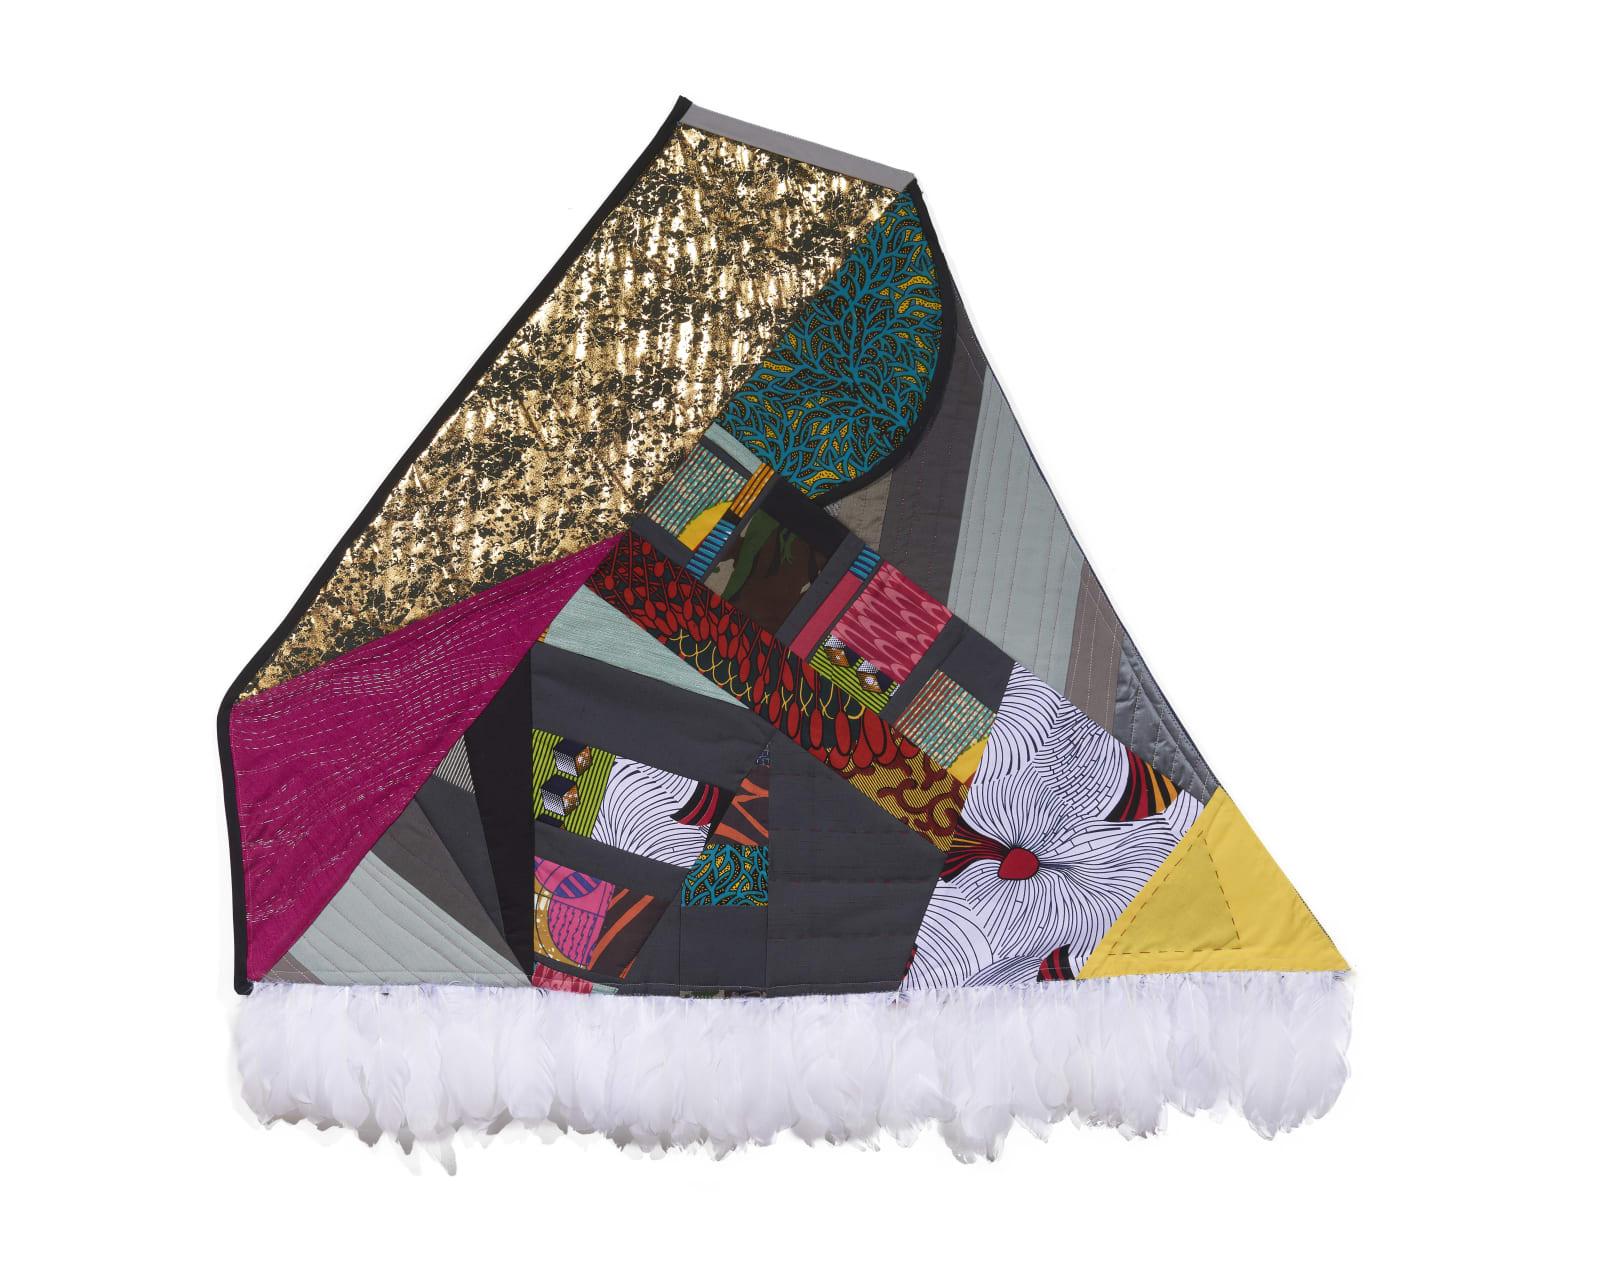 Adia Millett, Tent House, 2020